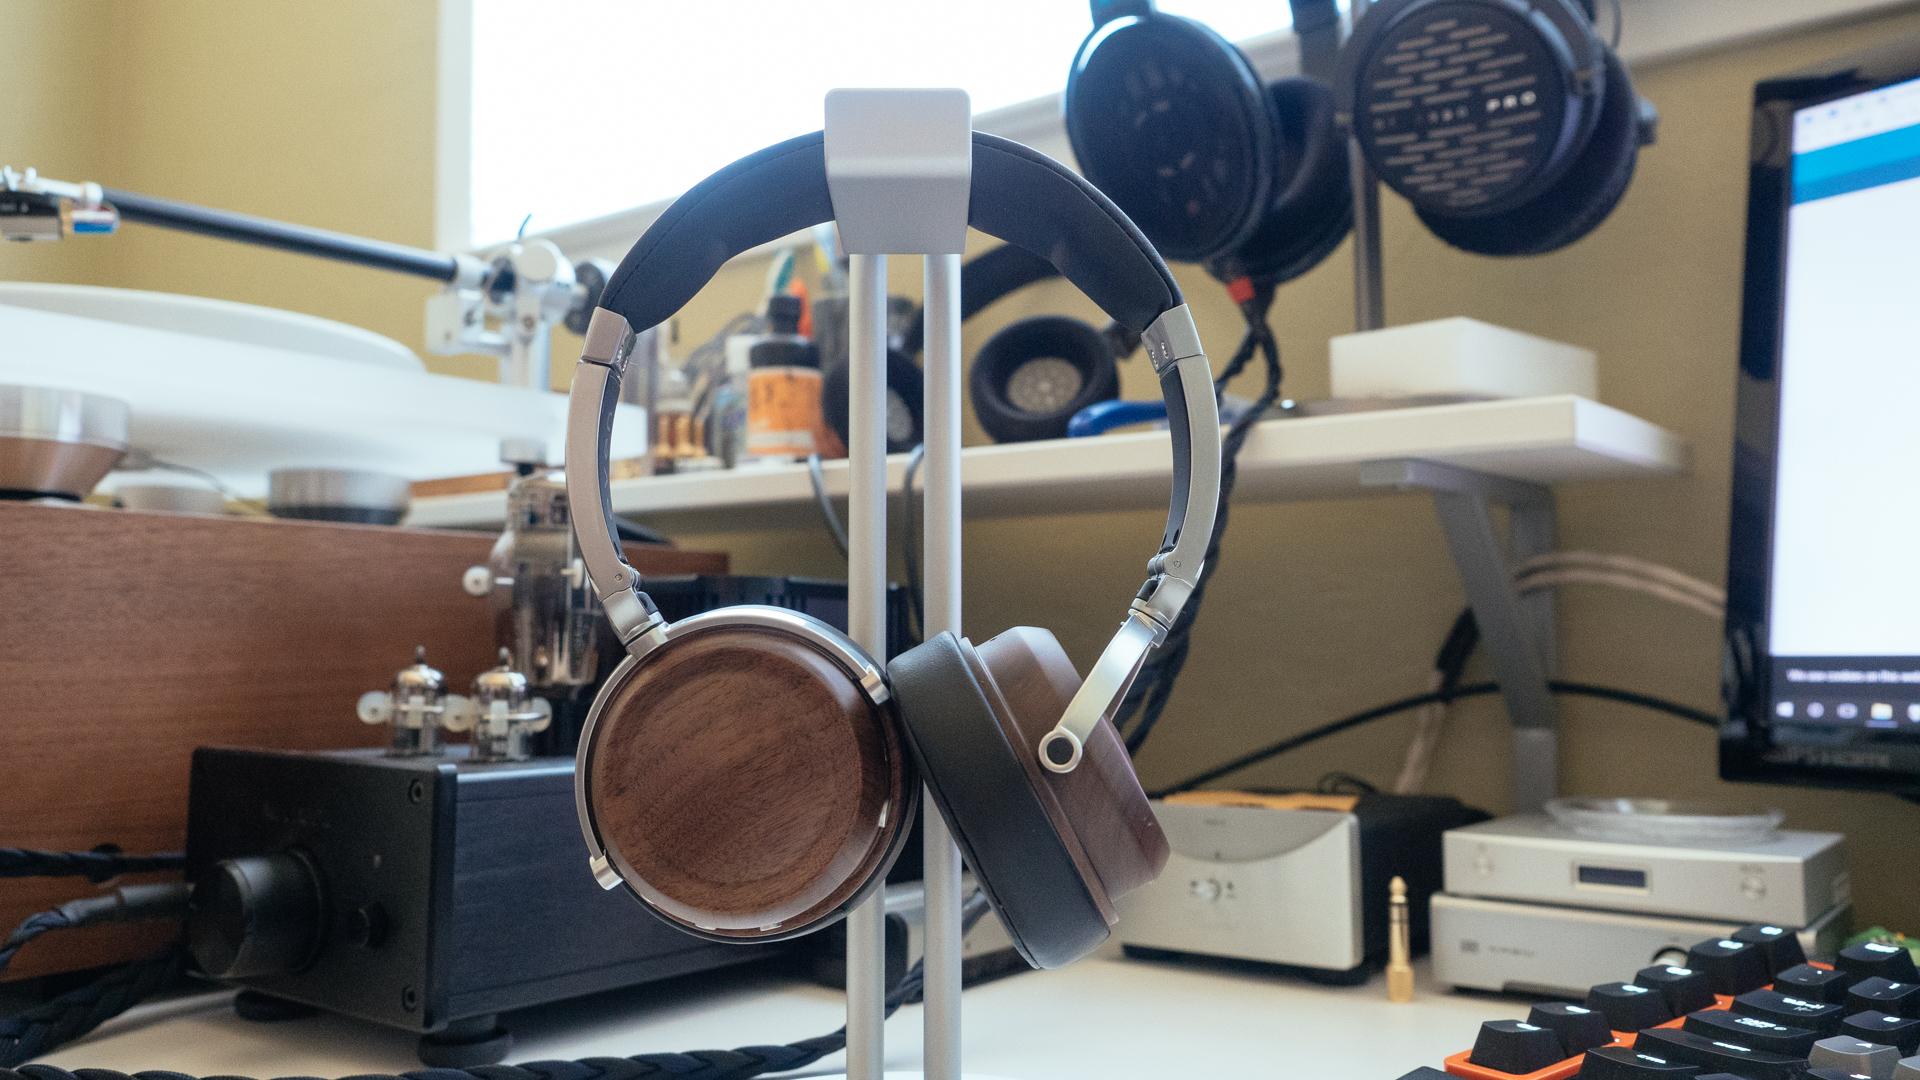 Even H2 Wireless Headphones